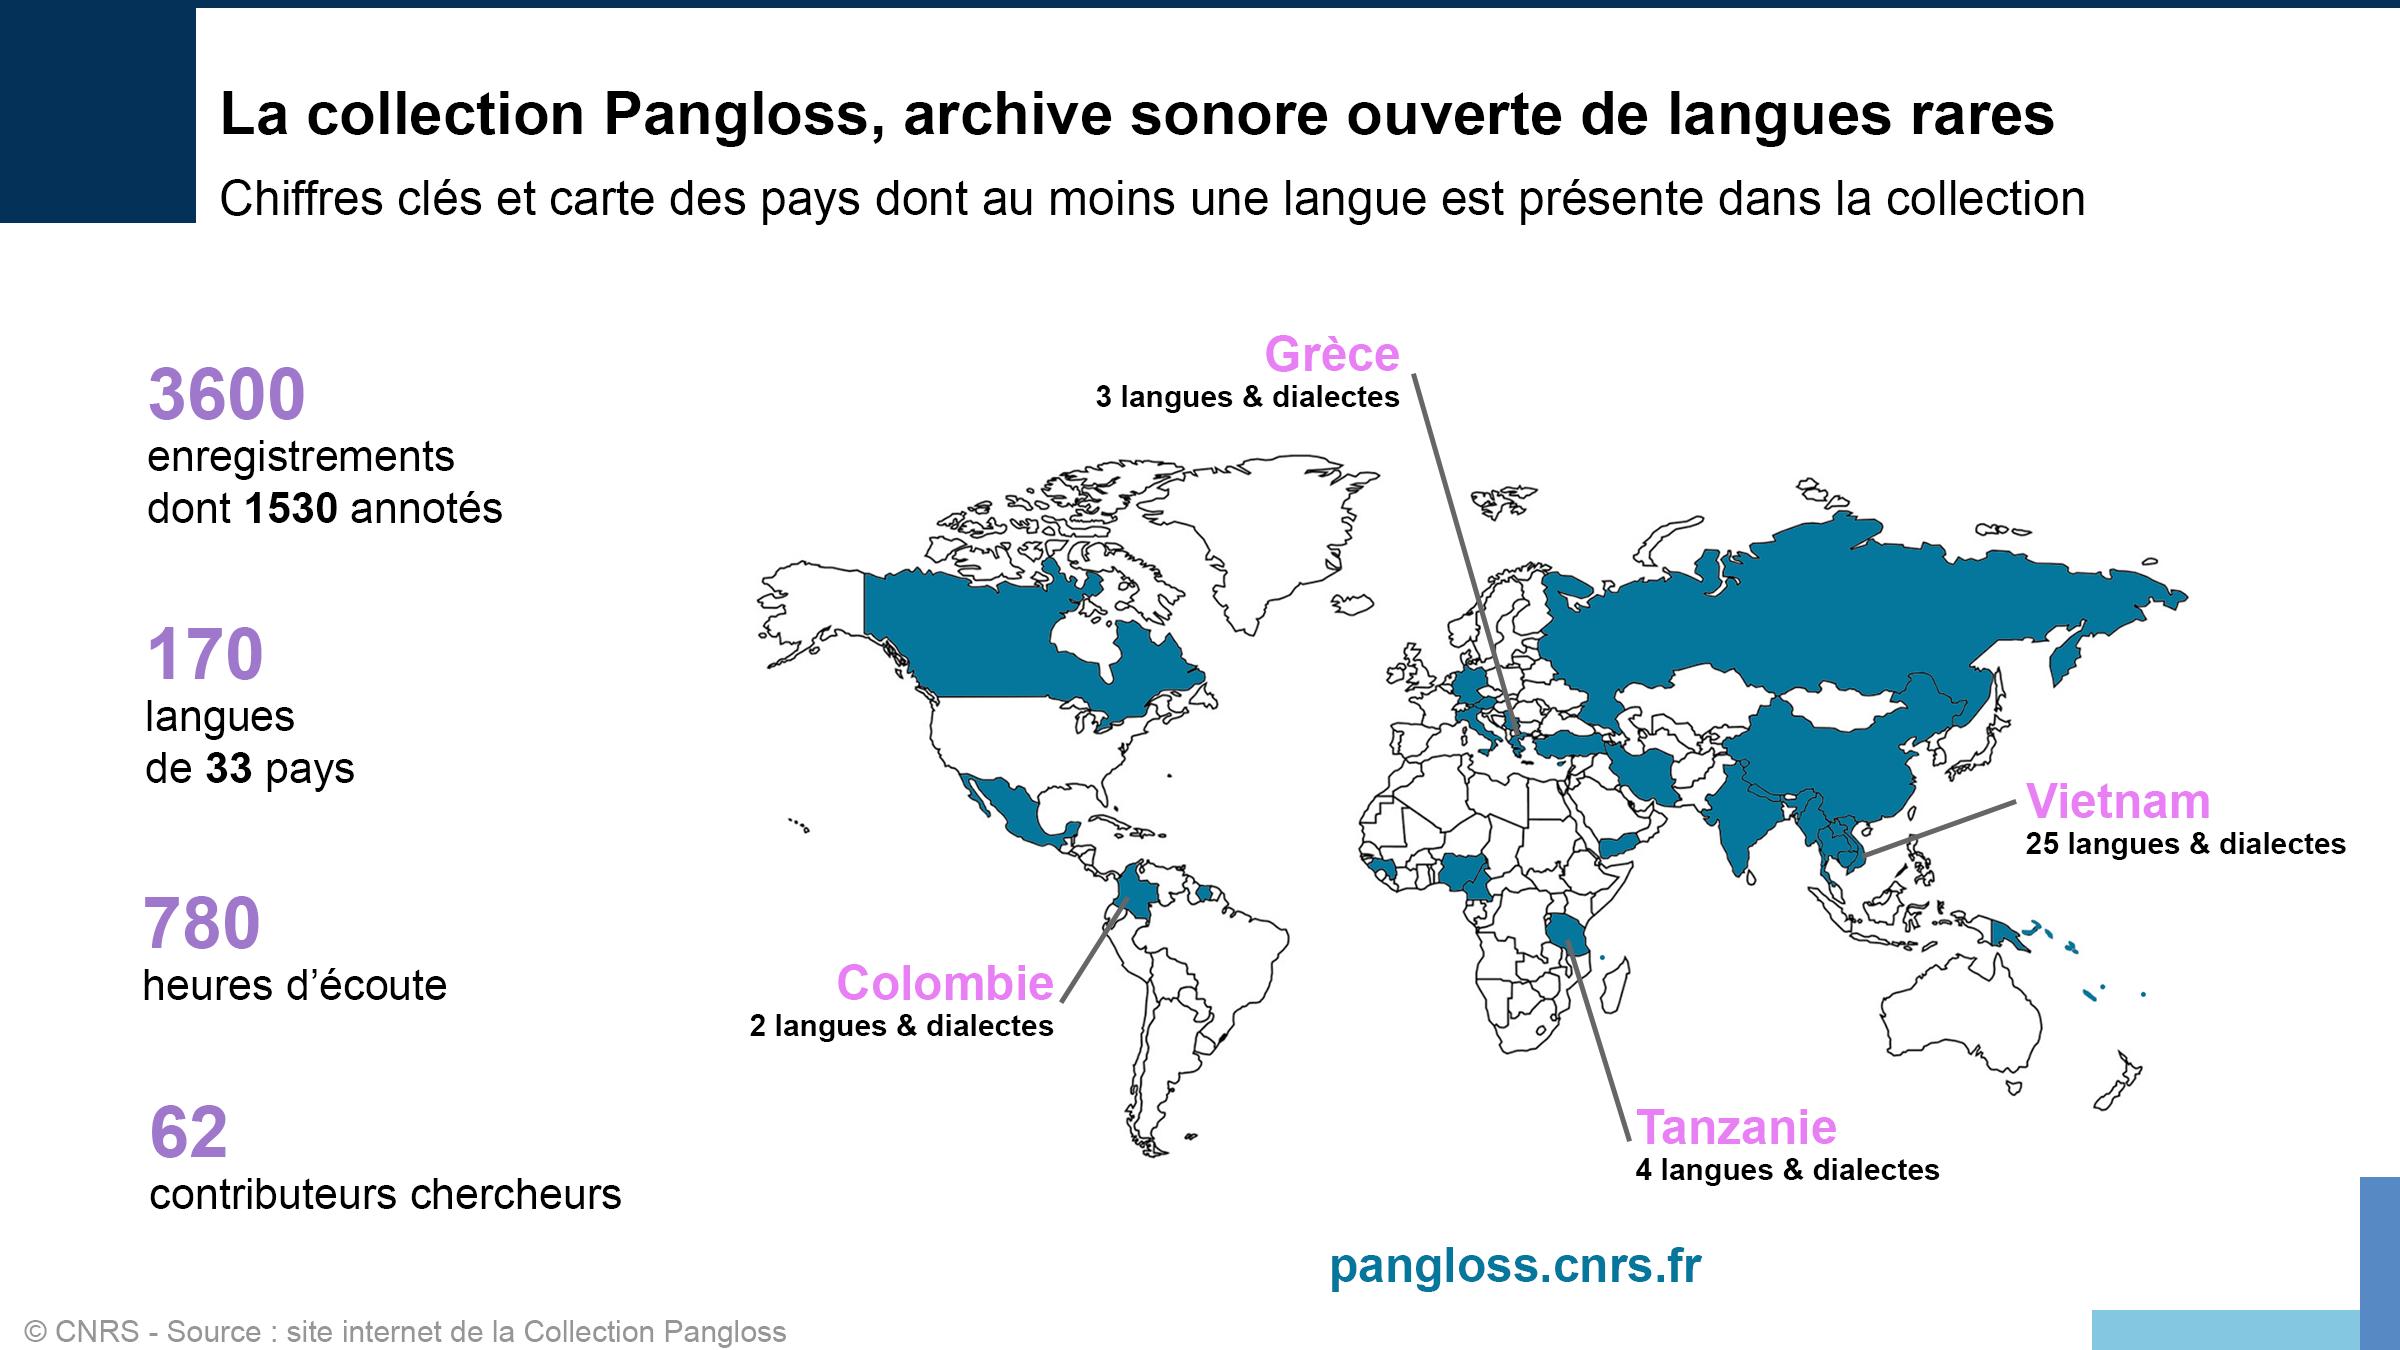 Statistiques sur la collection Pangloss